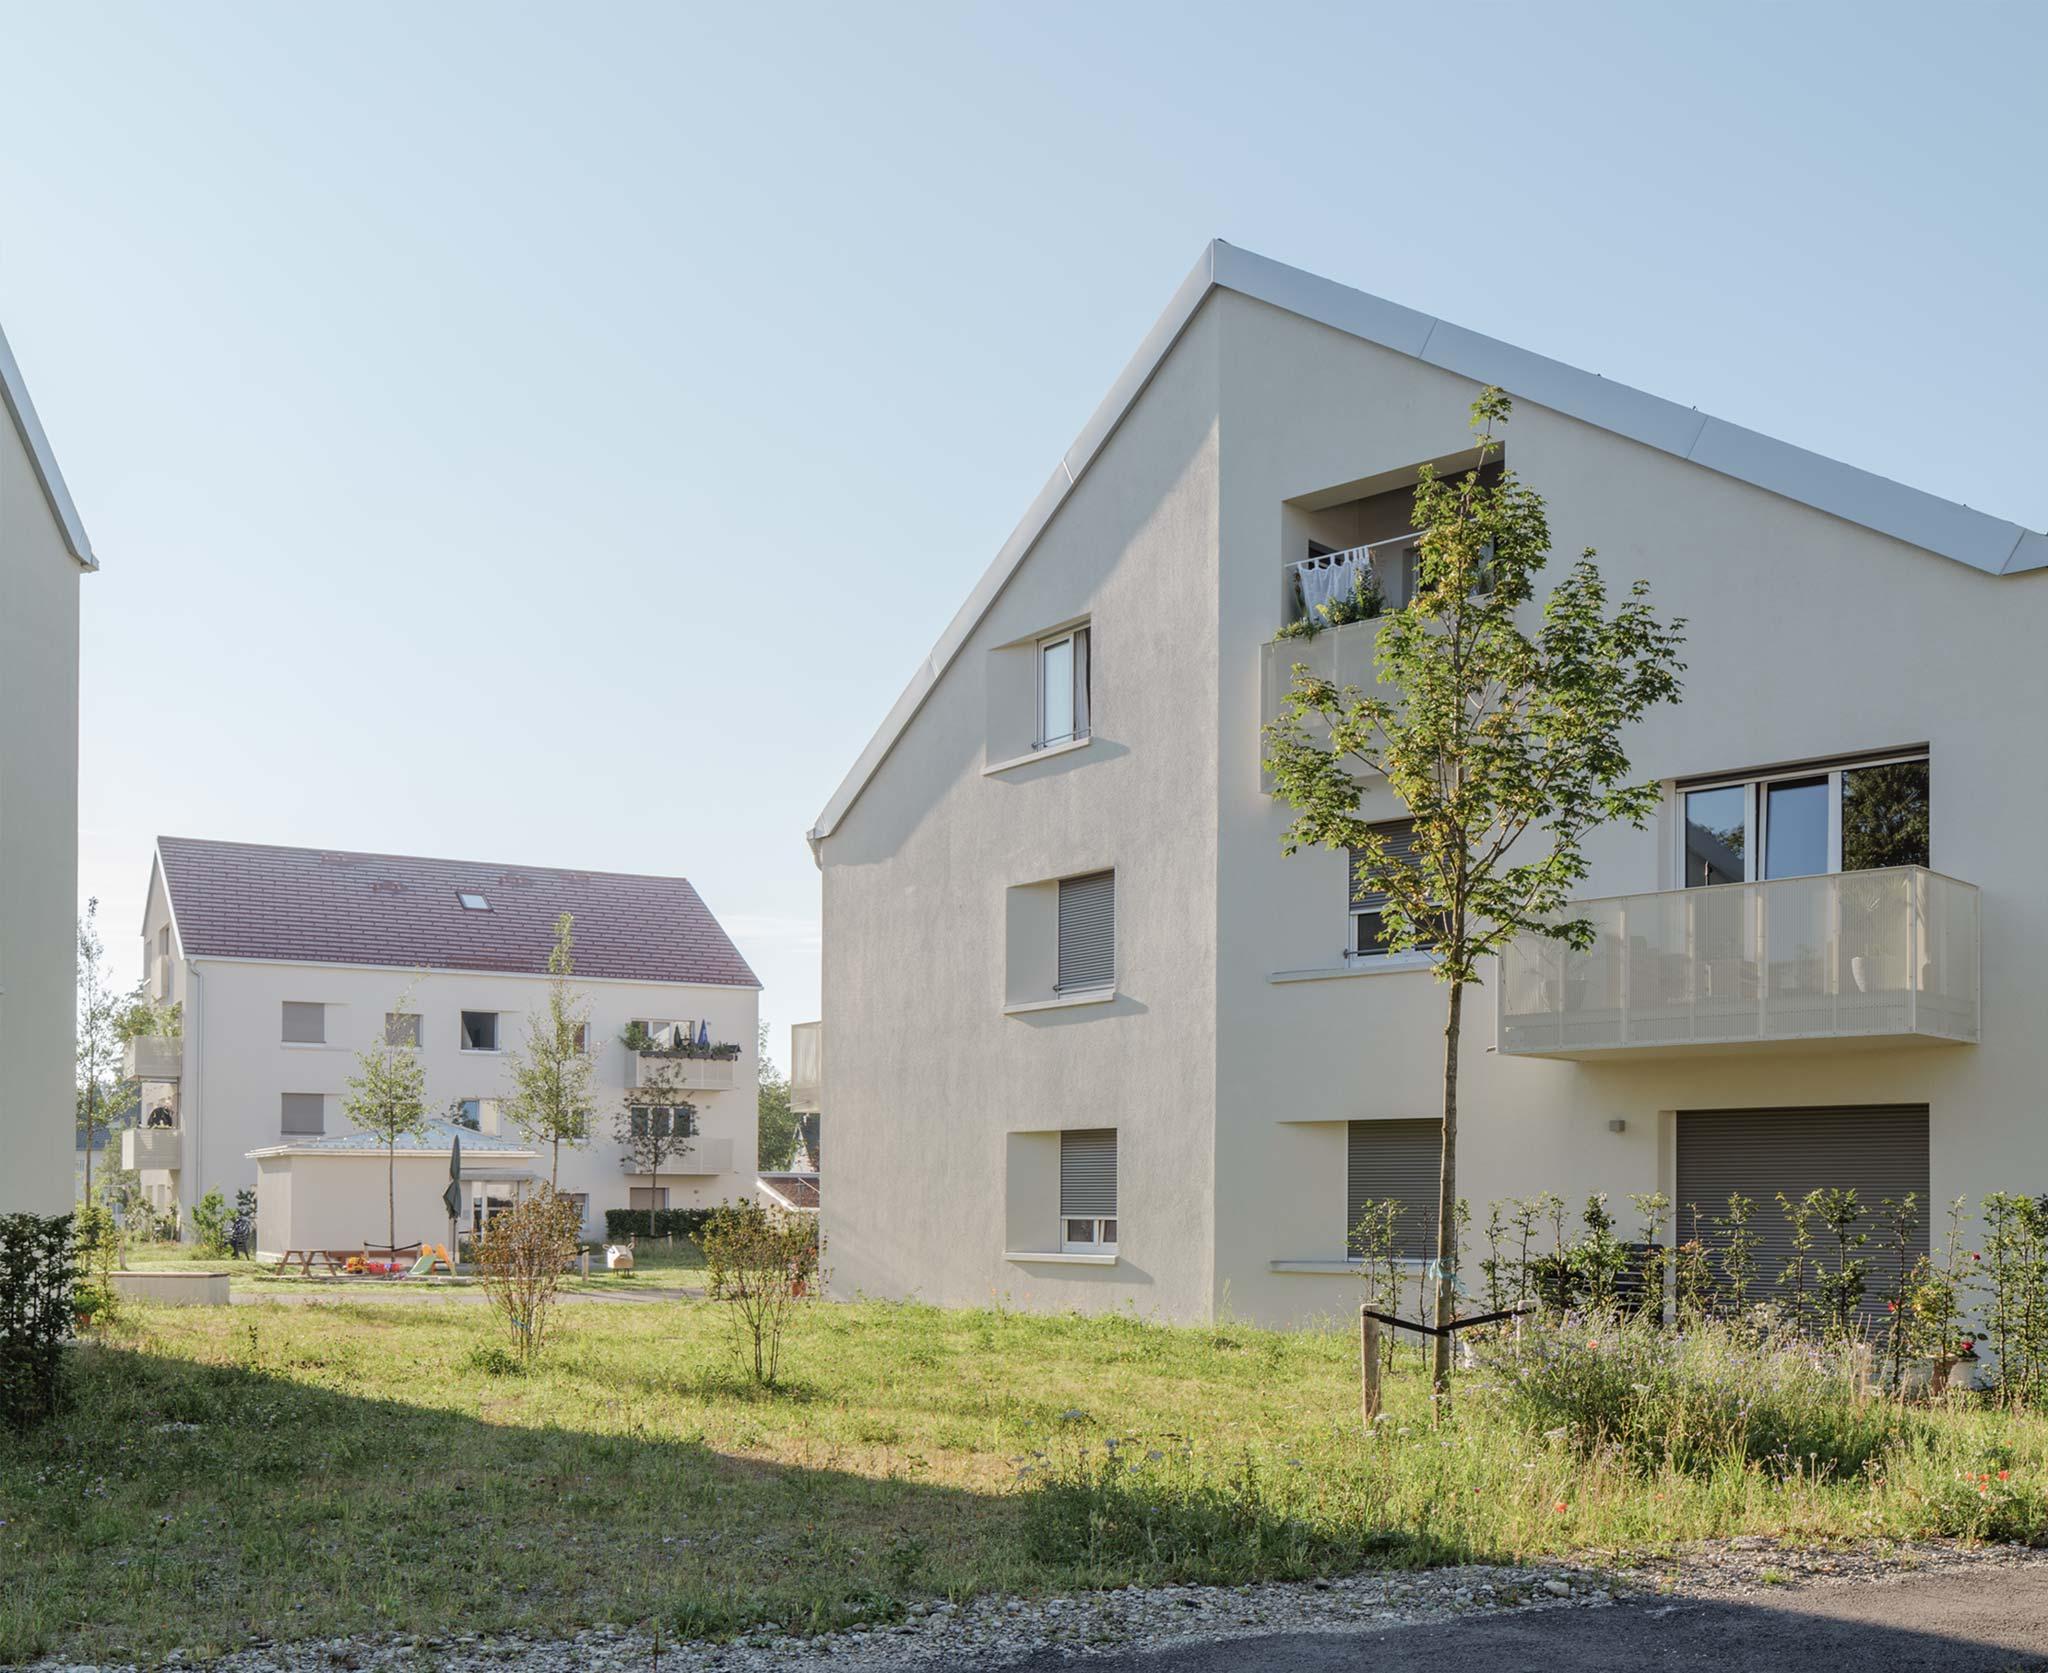 Landschaftsarchitektur Wohnanlage Grünwald - Detail